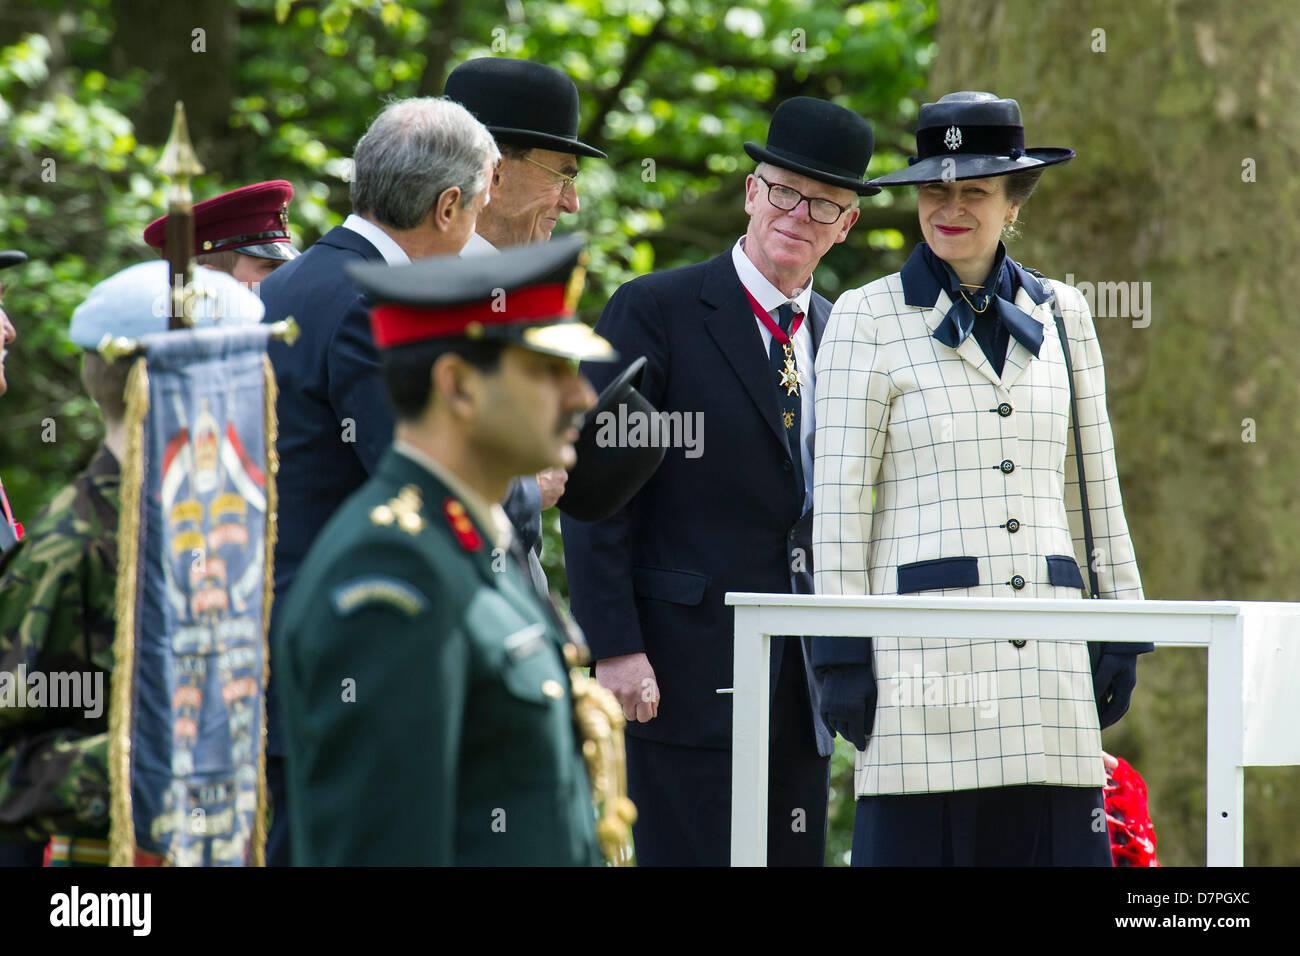 Hyde Park, Londres, Reino Unido 12 de mayo de 2013. Su Alteza Real la Princesa KG, KT, GCVO, Coronel en jefe del Imagen De Stock